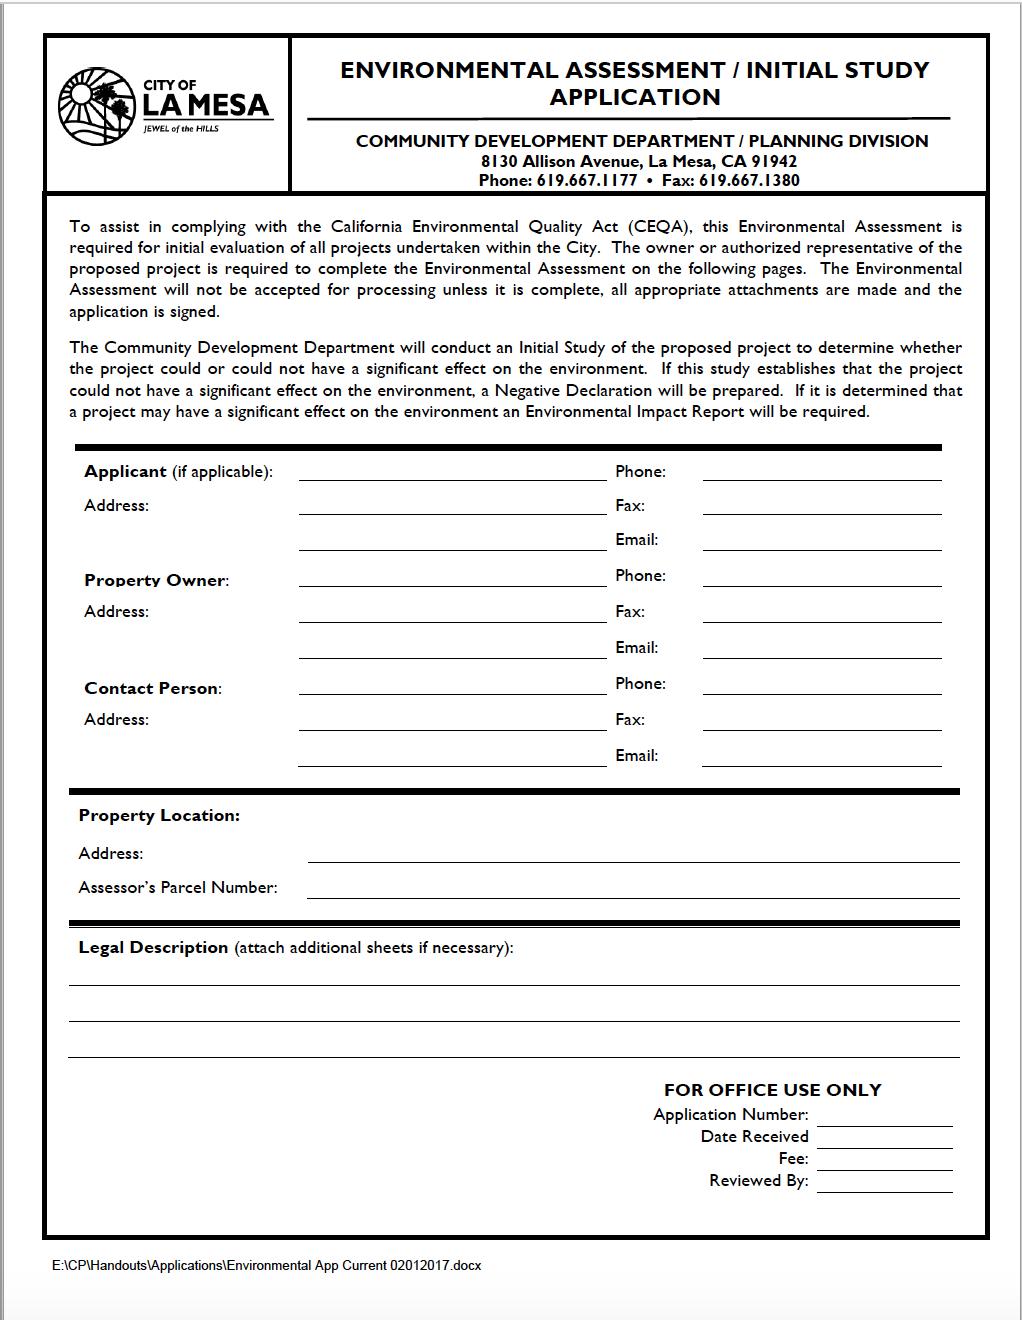 Environmental Application.png